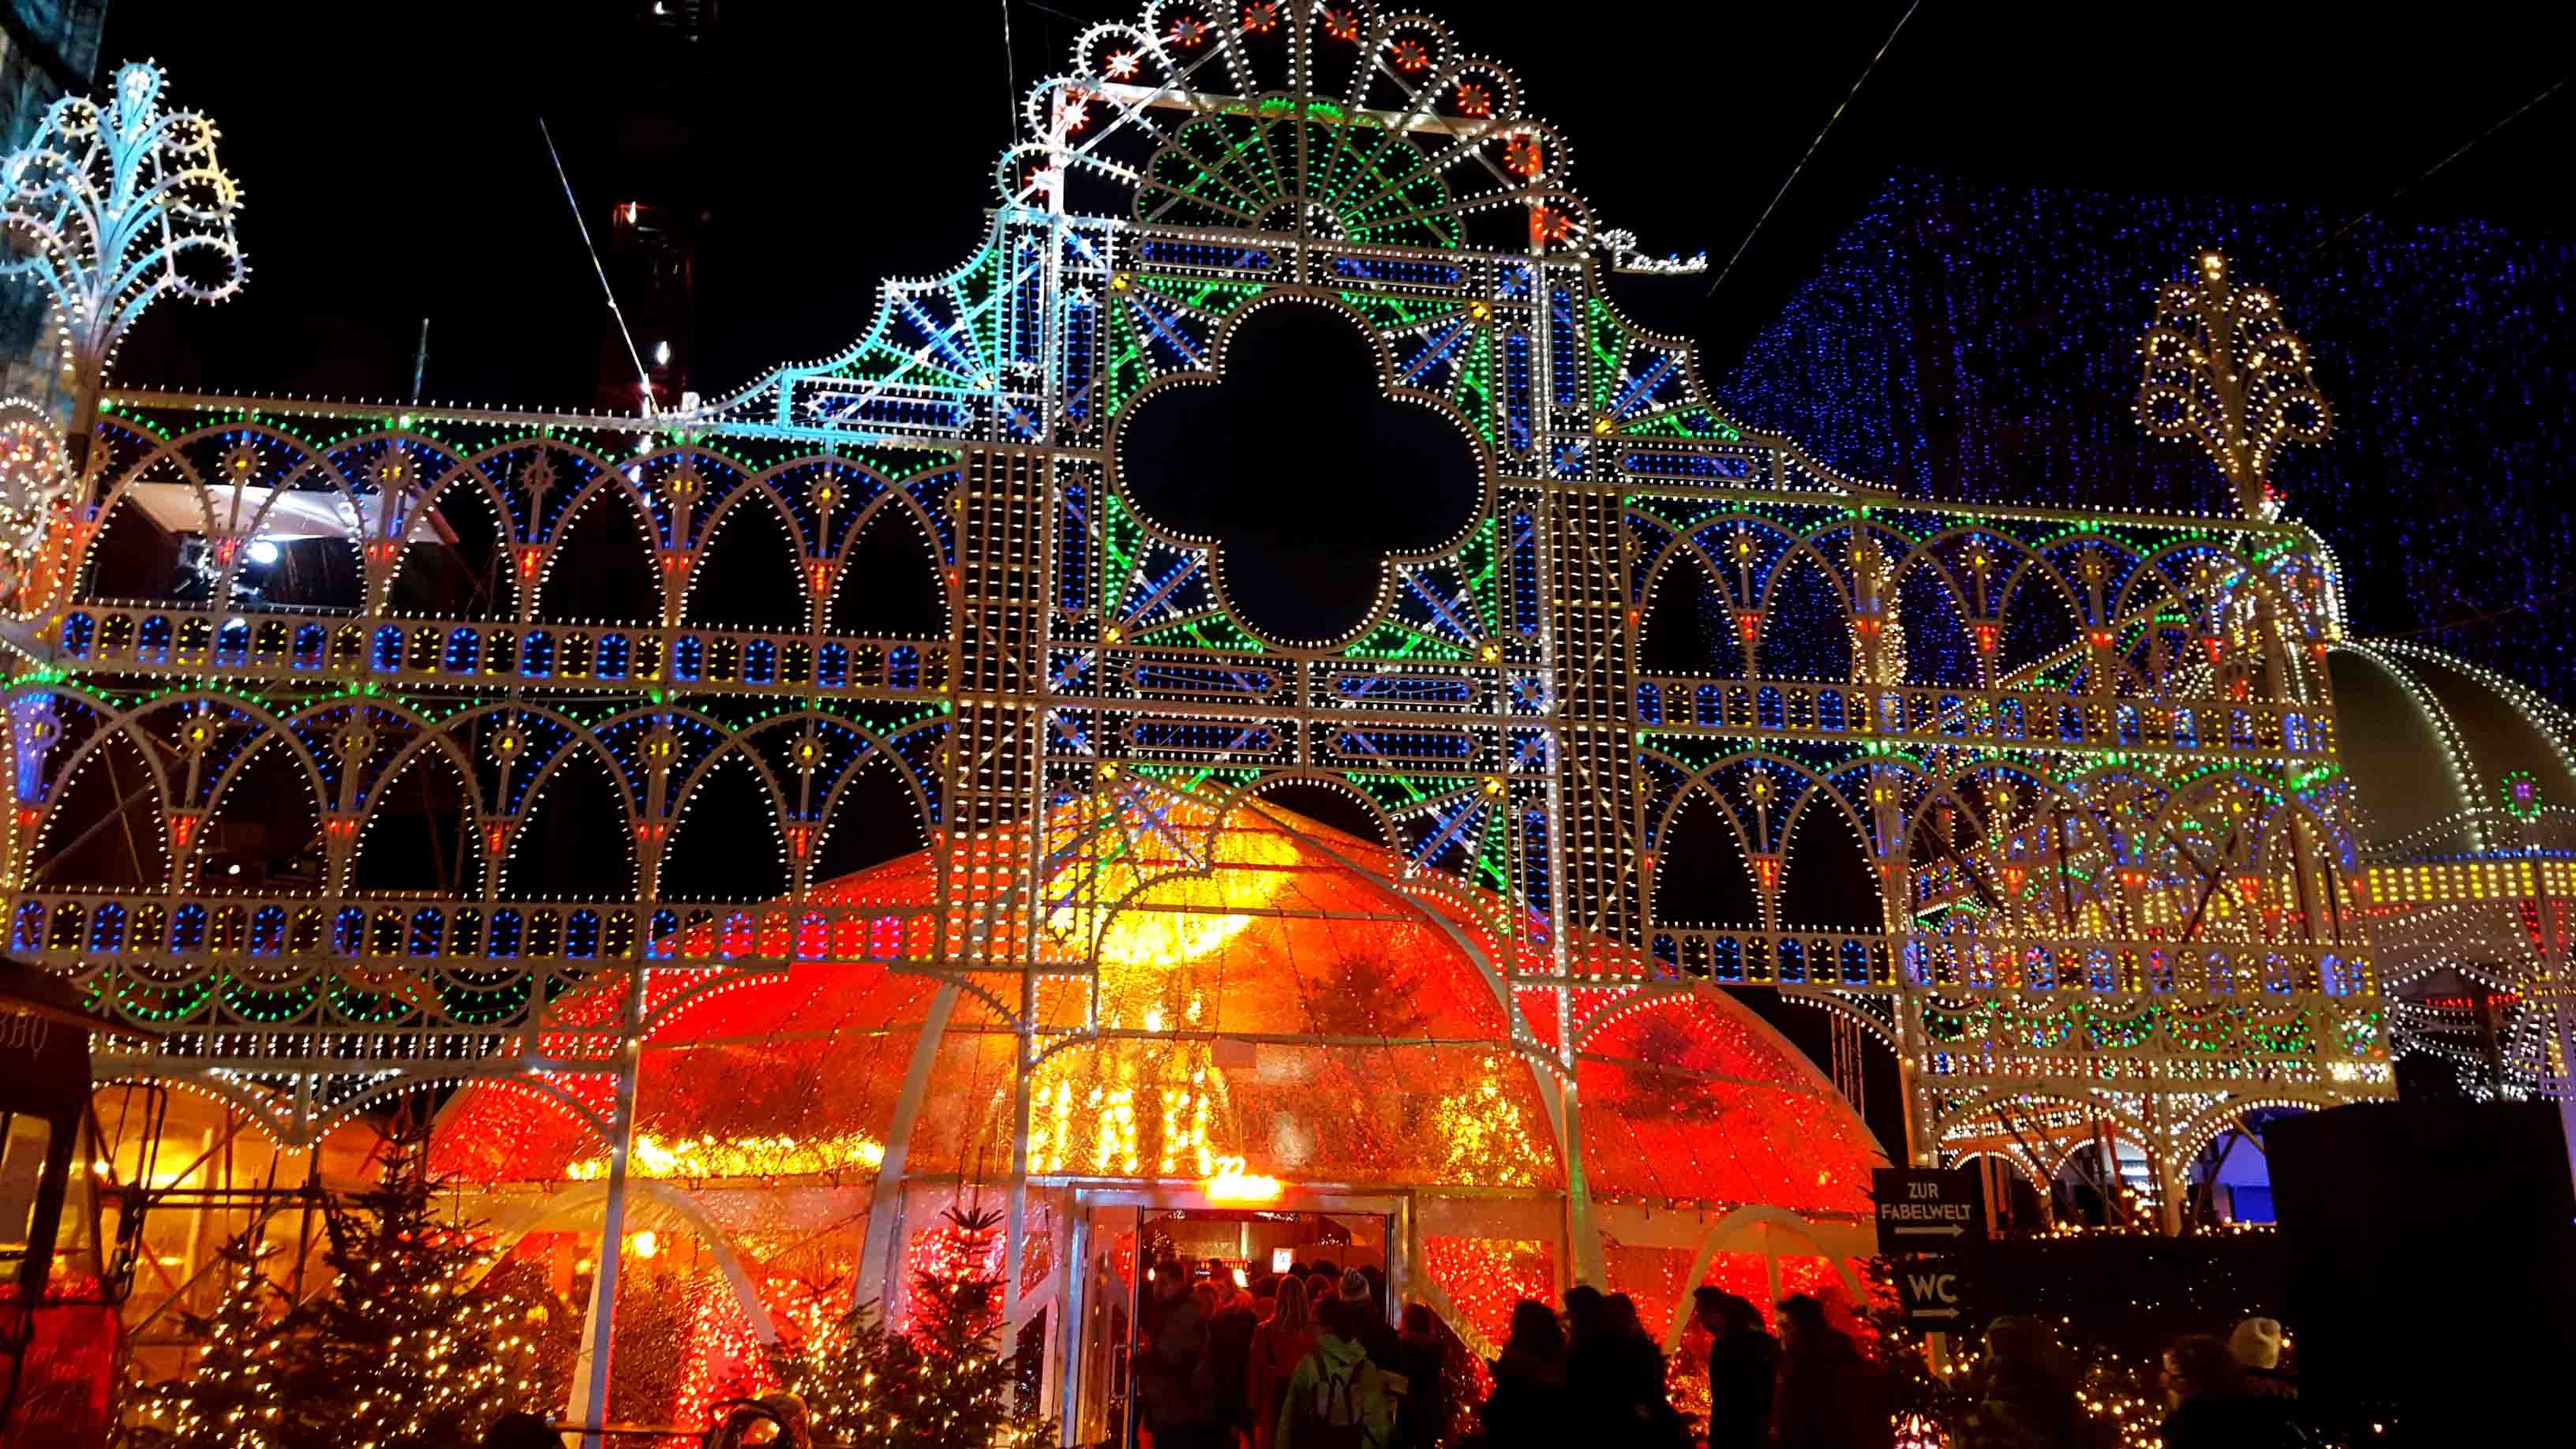 Weihnachtsmarkt Zürich.Zürich Zur Weihnachtszeit Bayfairdrive